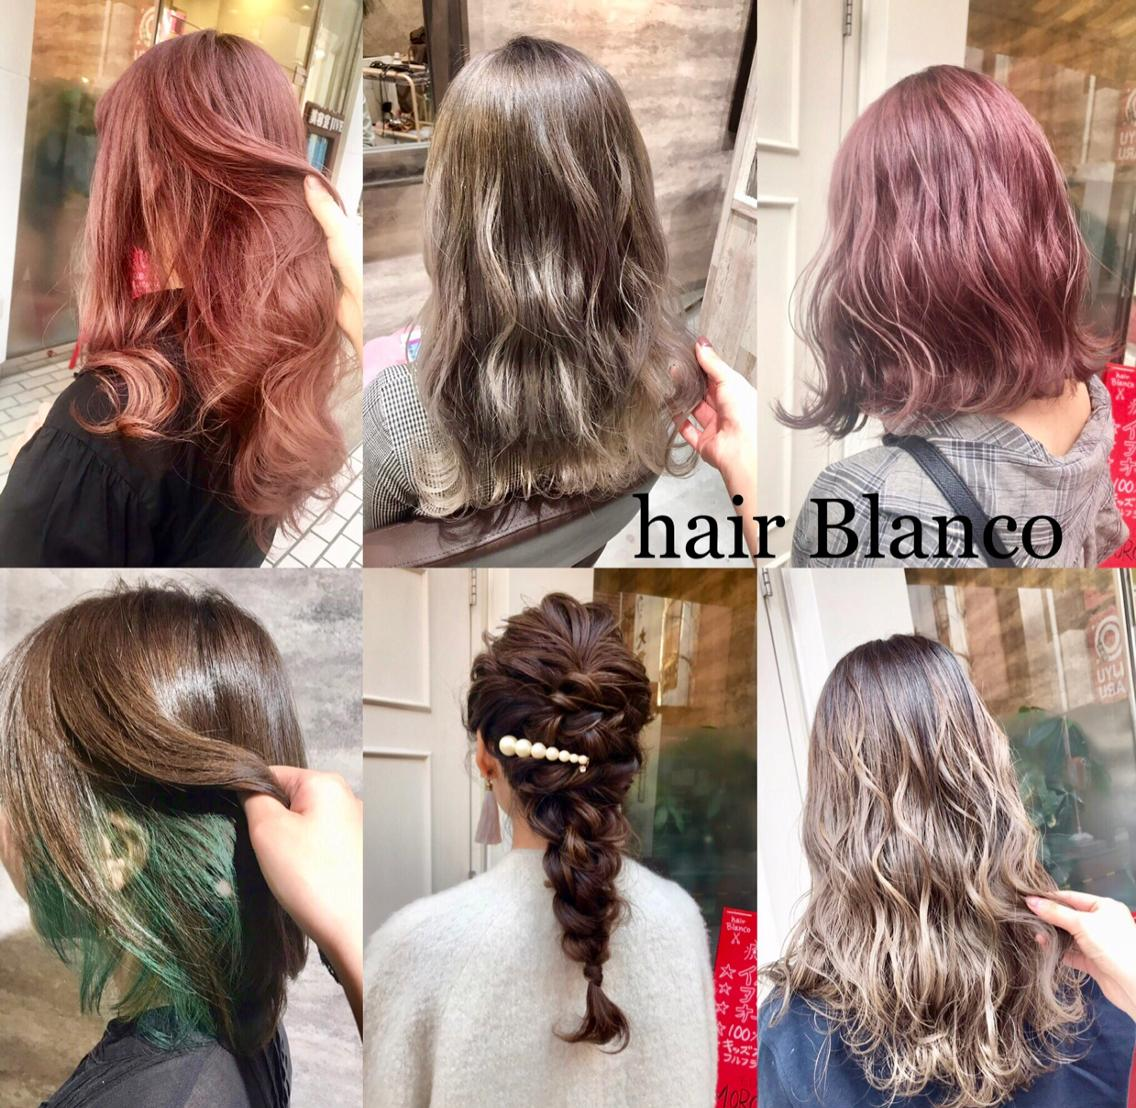 hair Blanco所属・ずっちょヽ( ´3`)ノの掲載